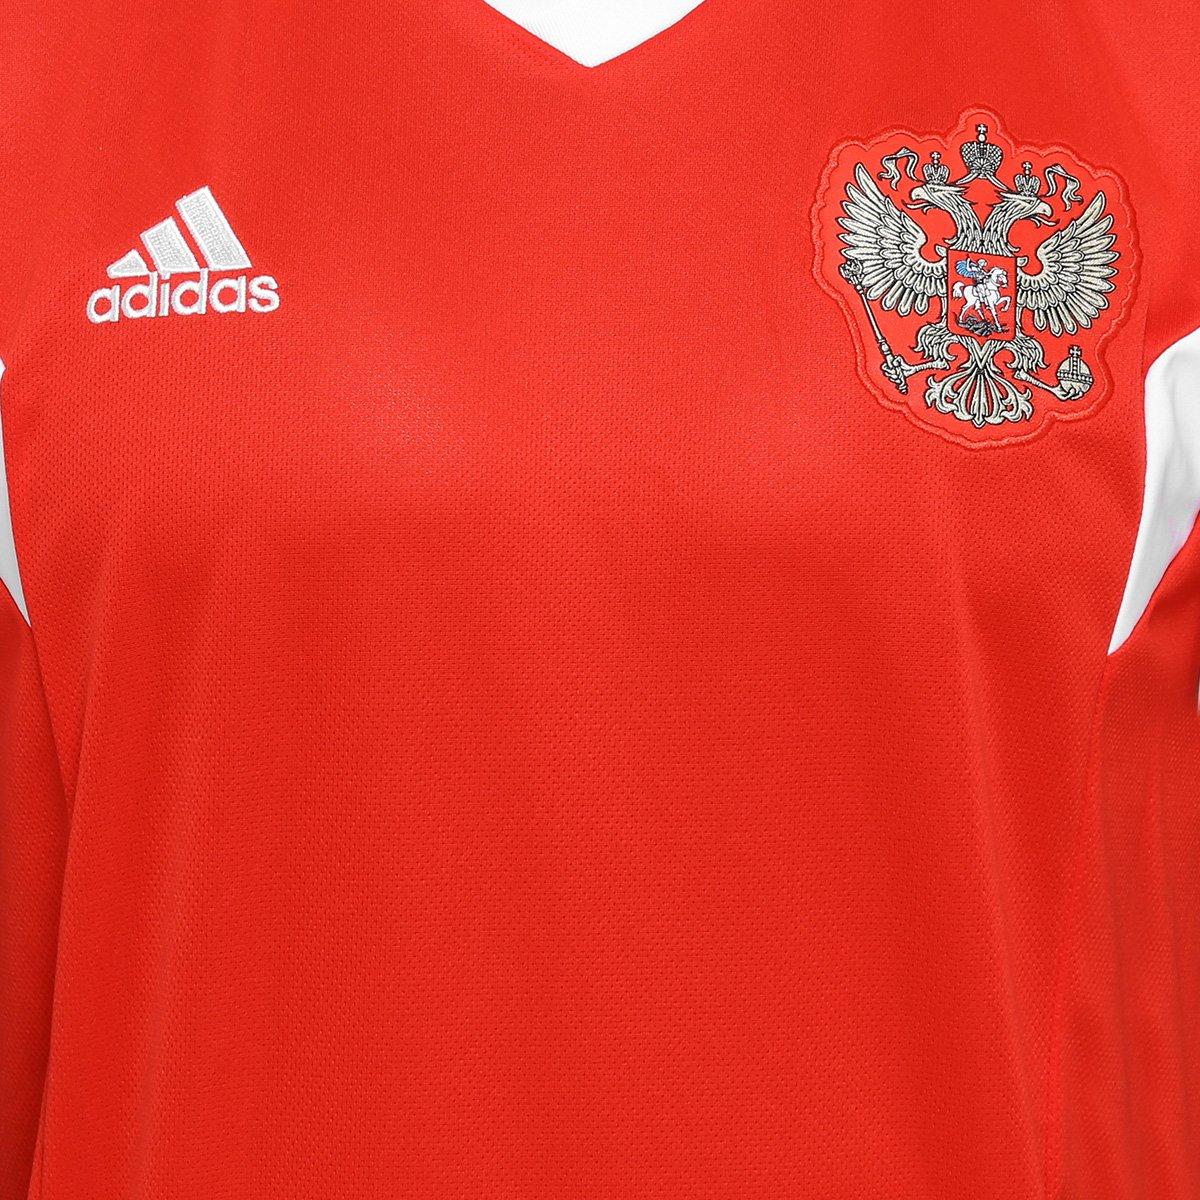 ... Camisa Seleção Rússia Home 2018 s n°Torcedor Adidas Masculina ... 8963e2aa0d86f